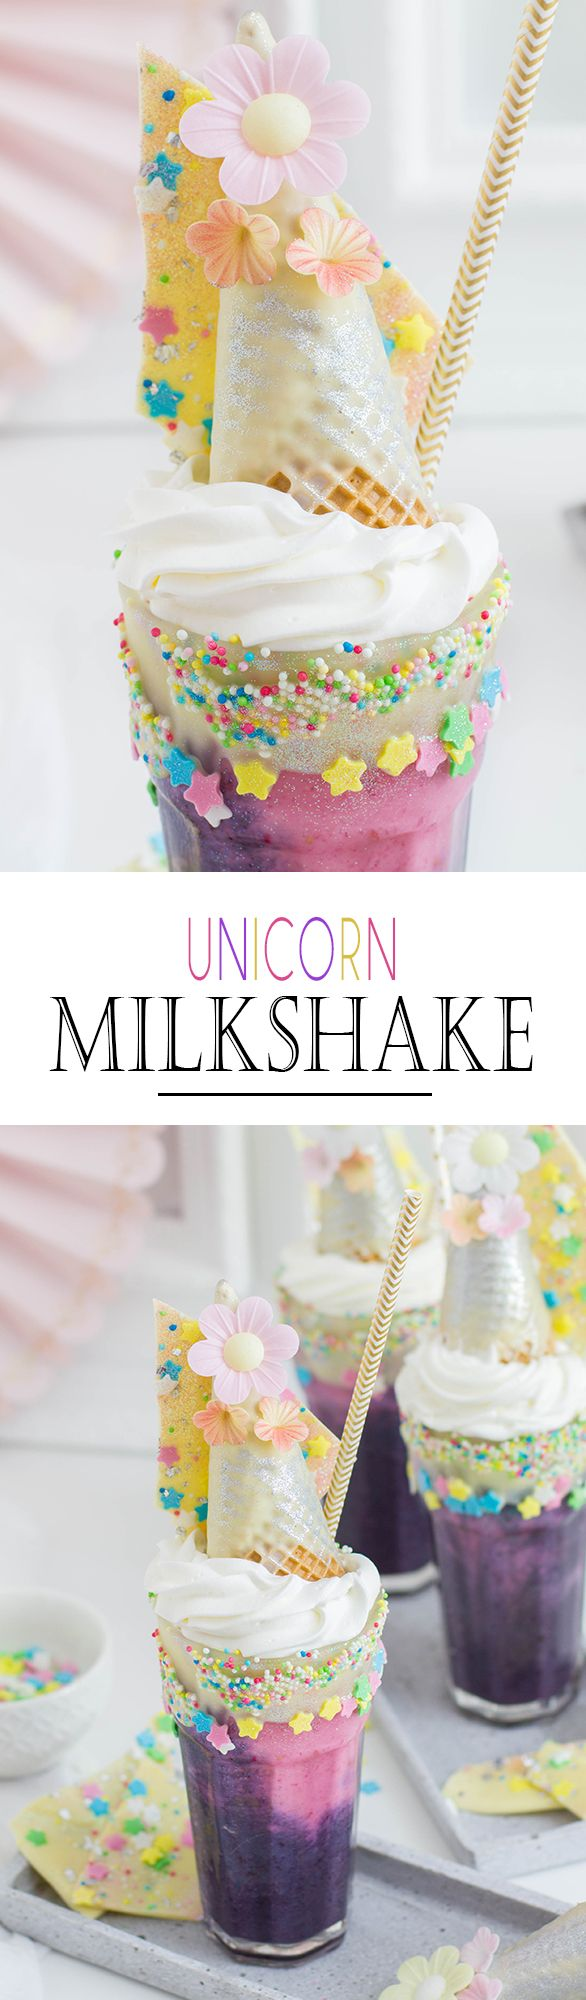 Berry Unicorn Milkshake with Sprinkles and White Chocolate | Beeriger Einhorn Milchshake mit Streuseln und weißer Schokolade